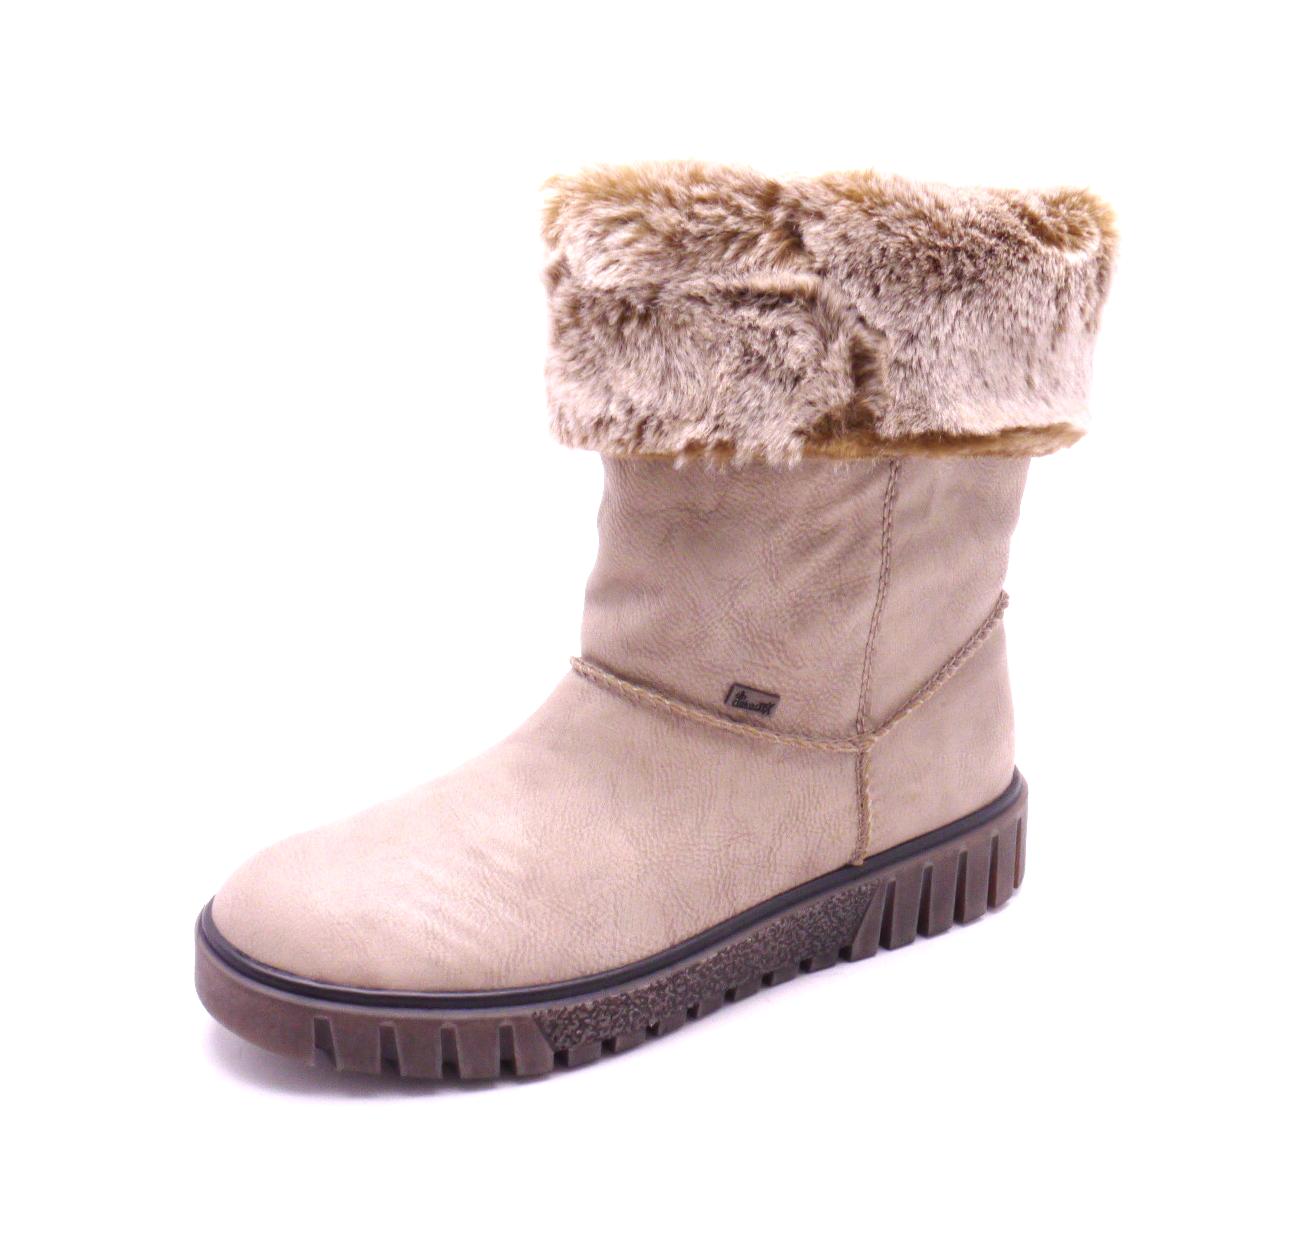 Rieker Dámské kotníčkové boty s kožíškem Y3492-60 Velikost: 36